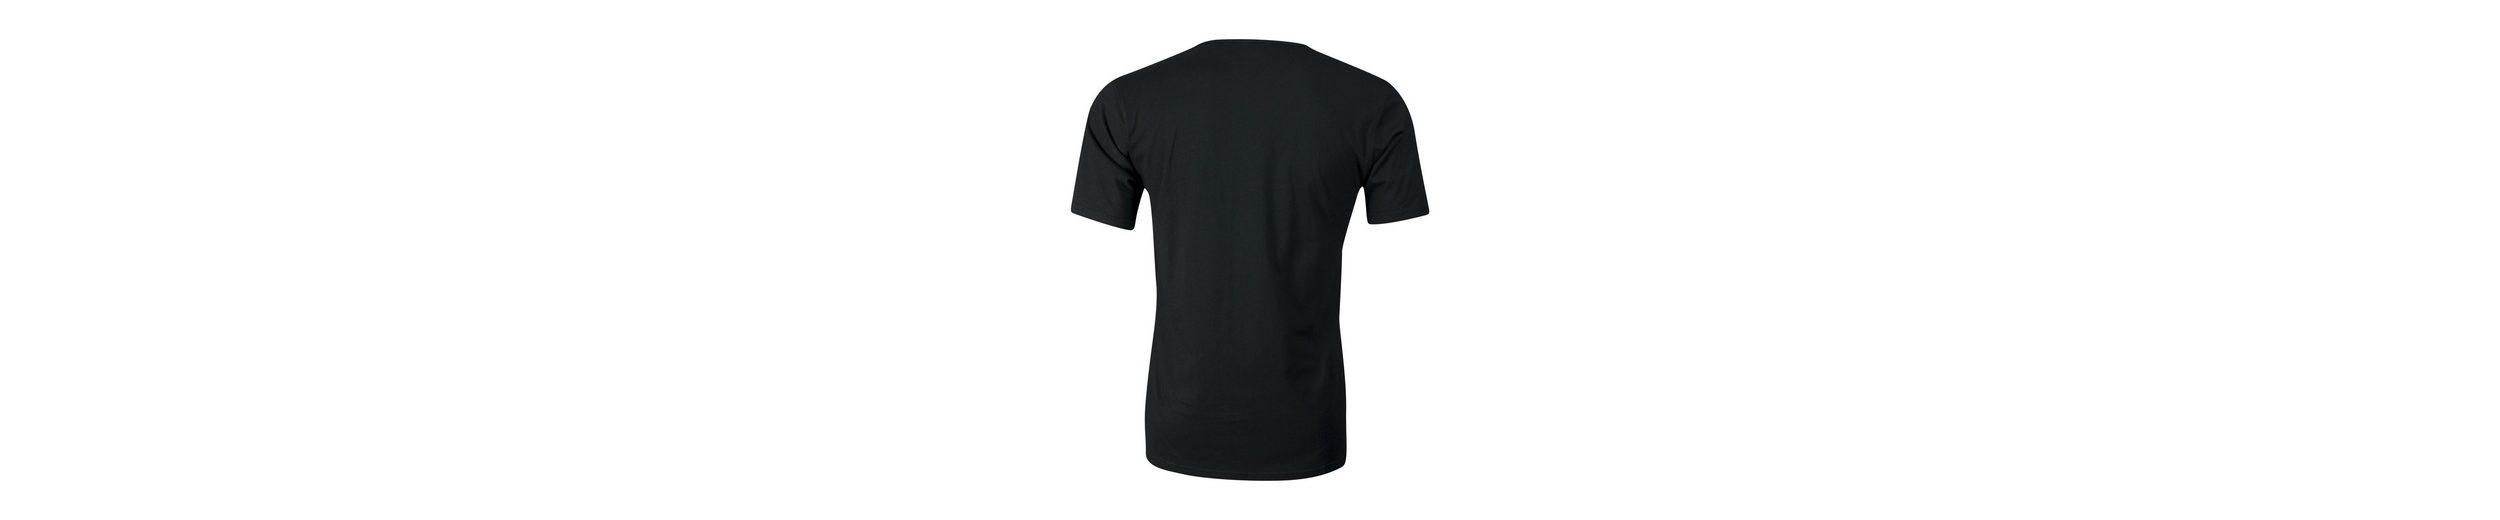 Lonsdale T-Shirt ORIGINAL 1960 Sehr Billig Günstig Online k1gbWe